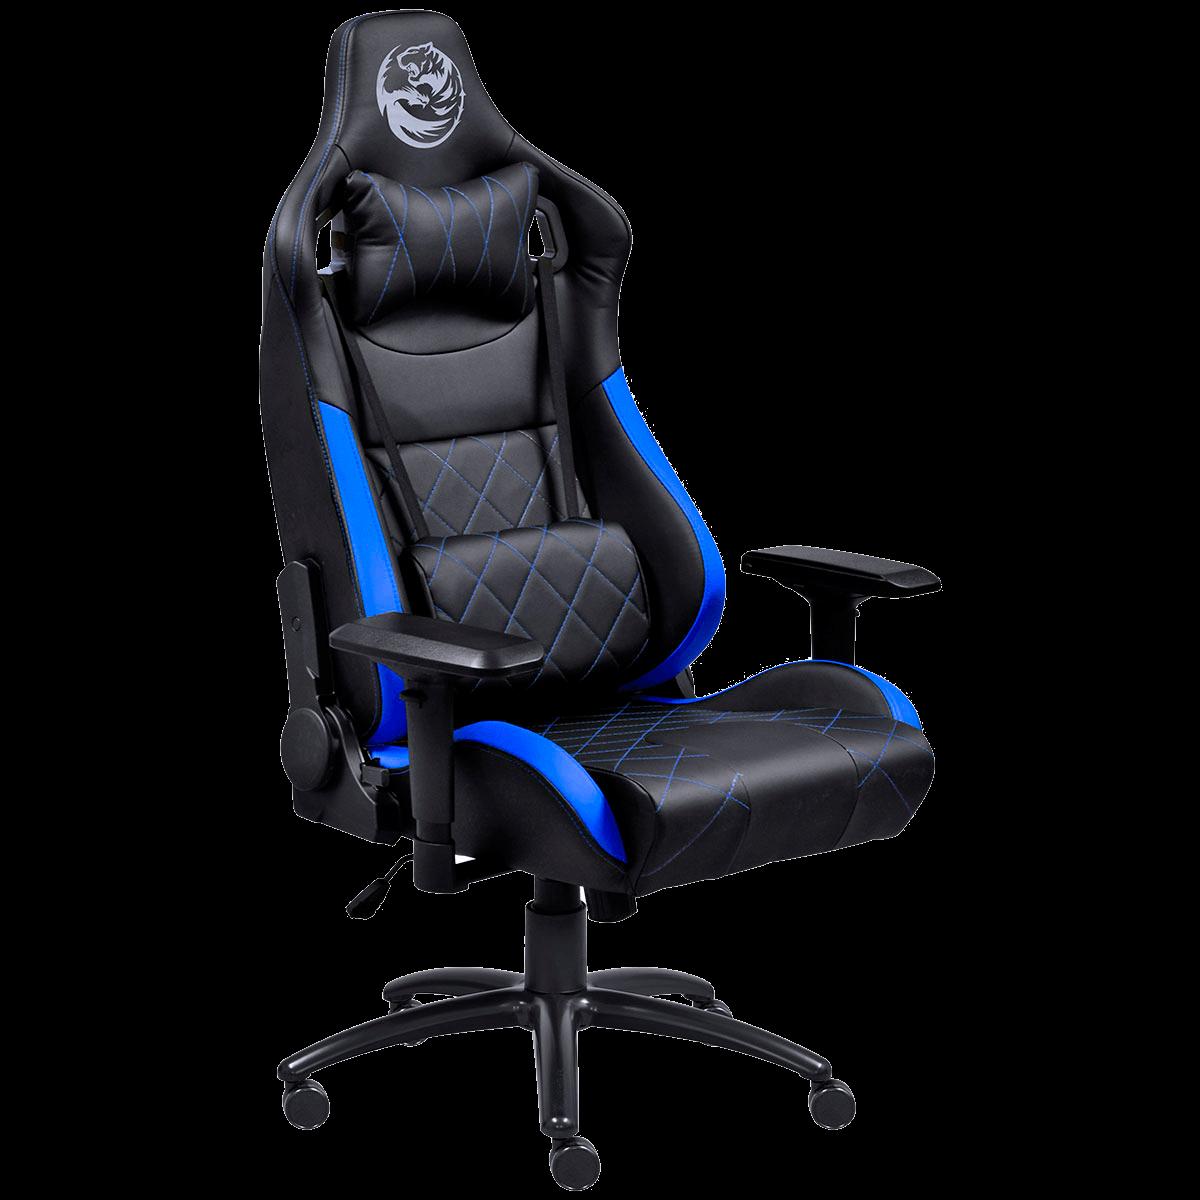 Cadeira Gamer PCYes Mad Racer V10, Azul e Preta MADV10AZGL PCYES